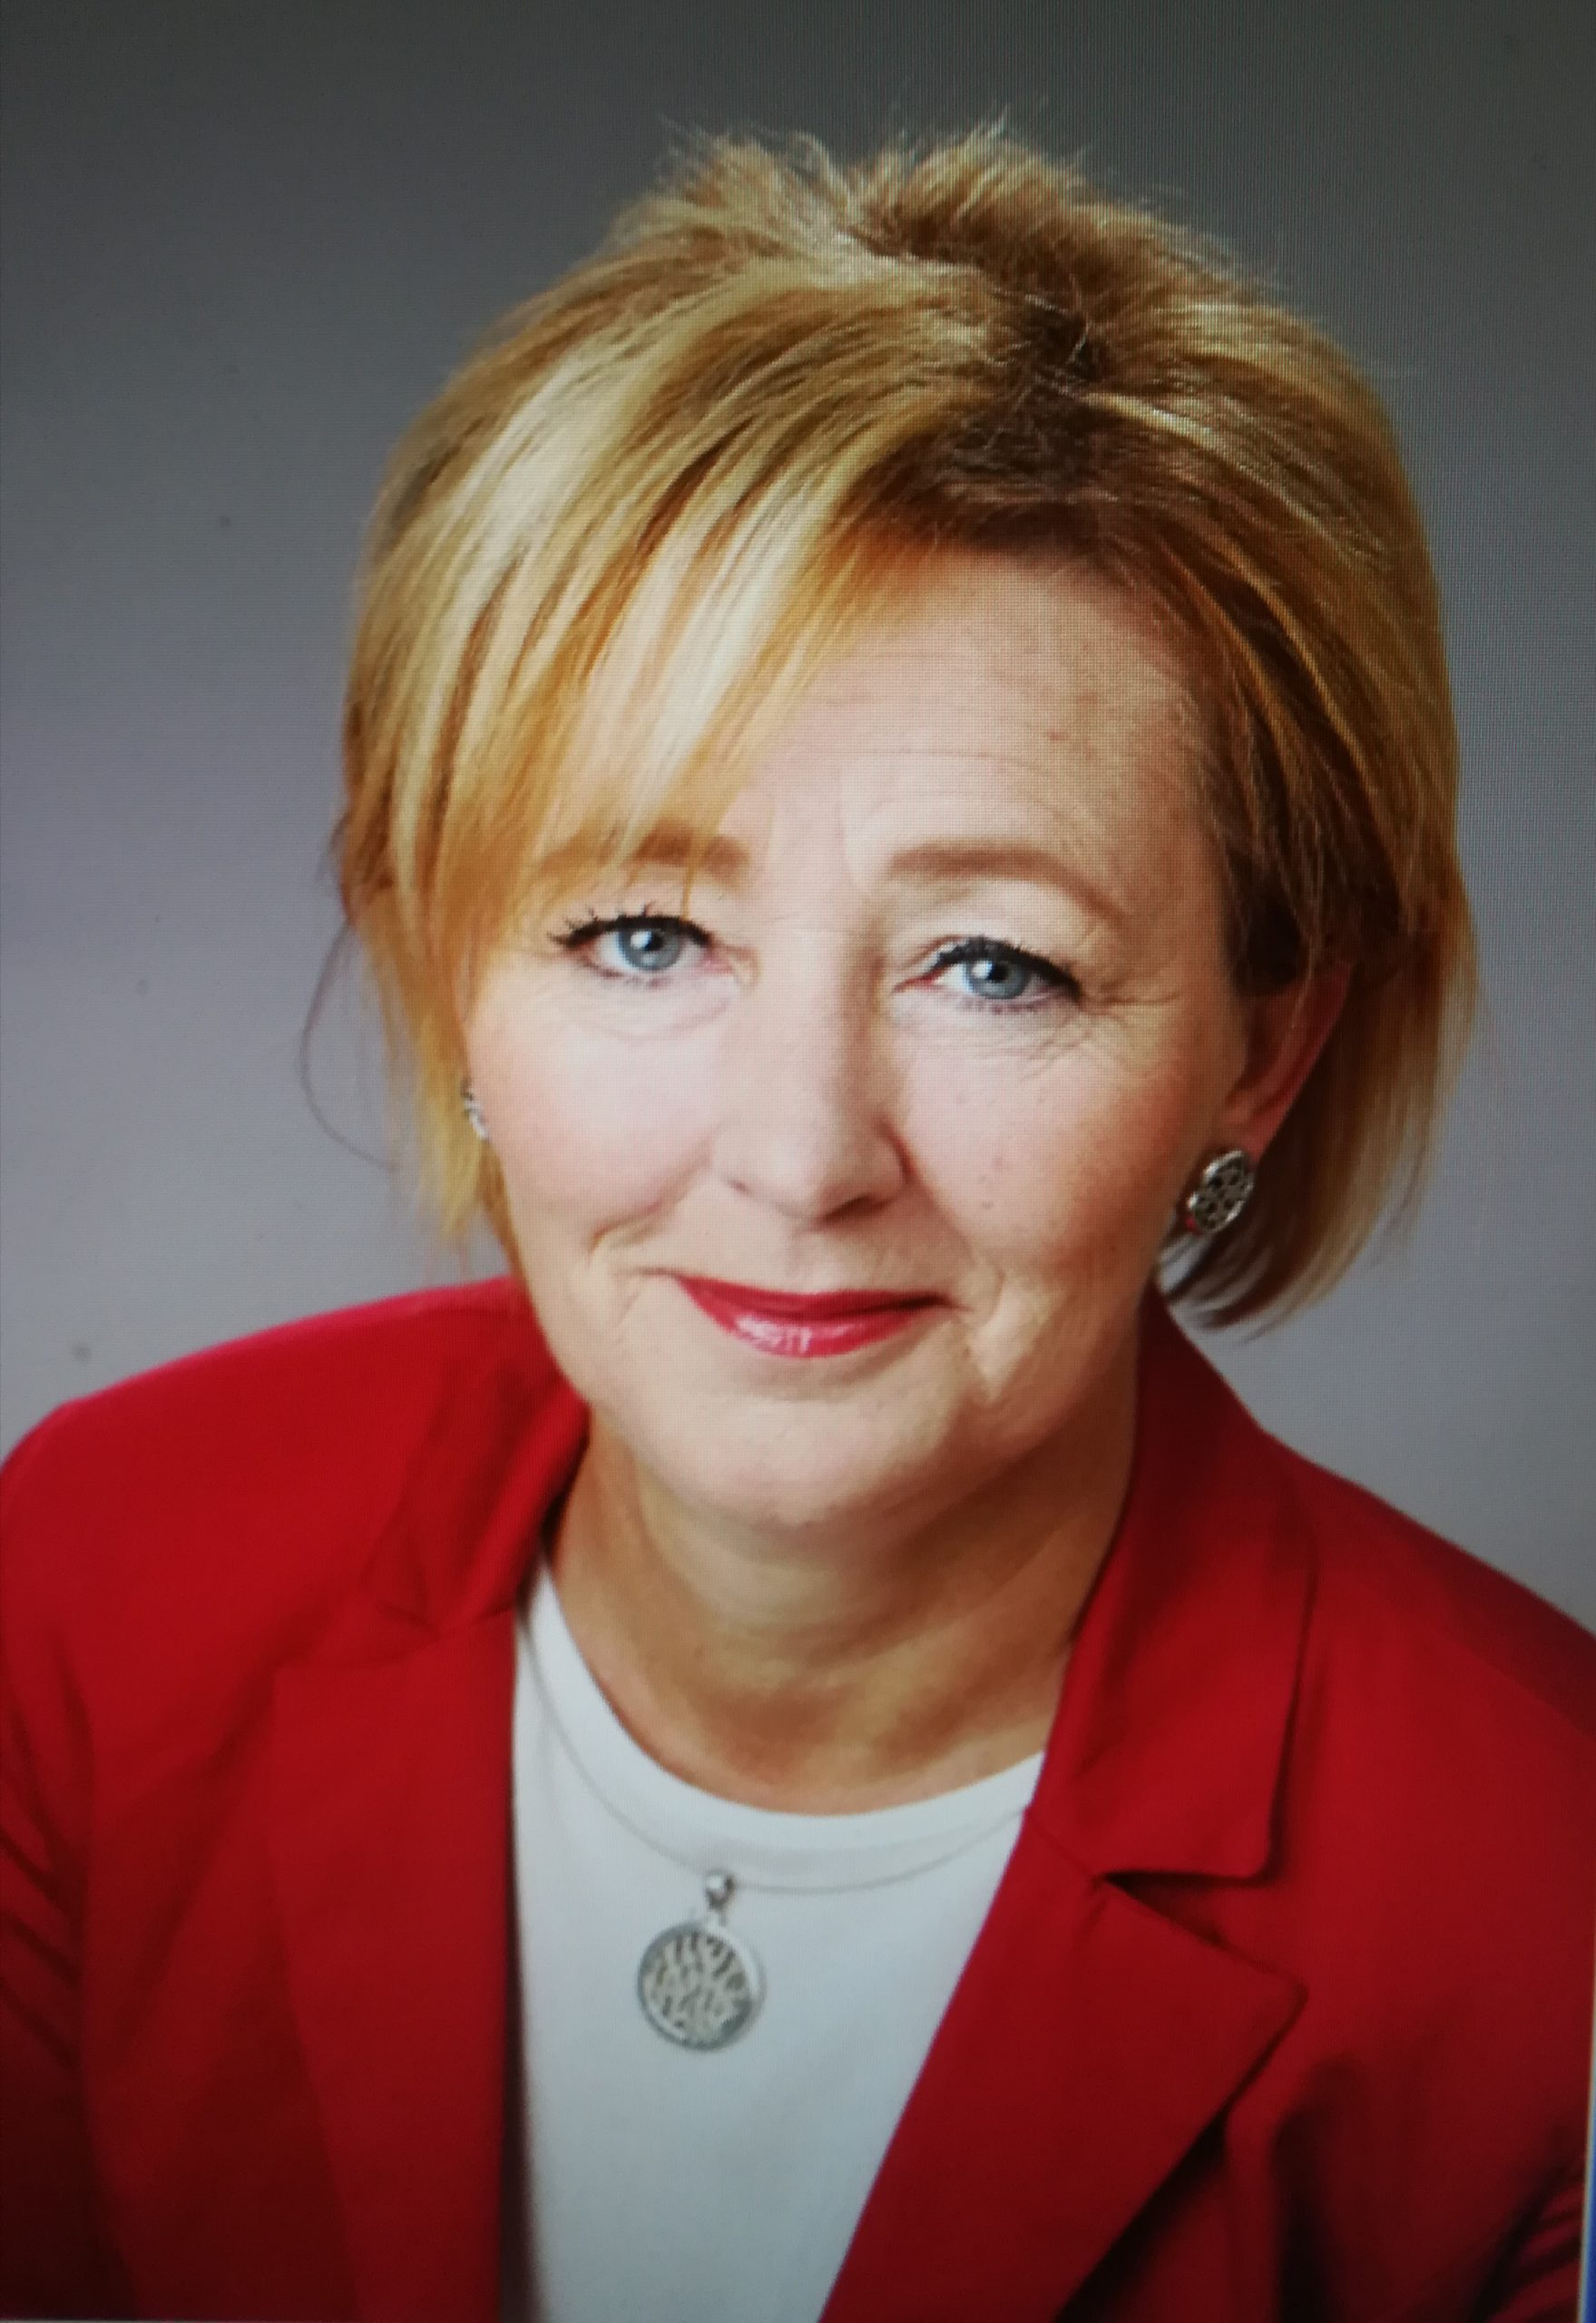 Bettina Mundschitz